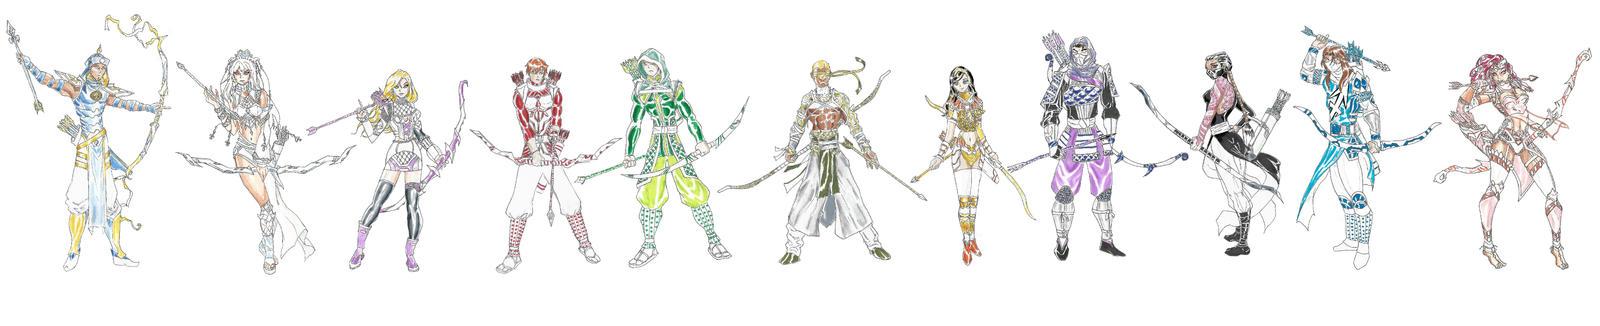 MDCU: Precious Archers 2 by Nightshade475